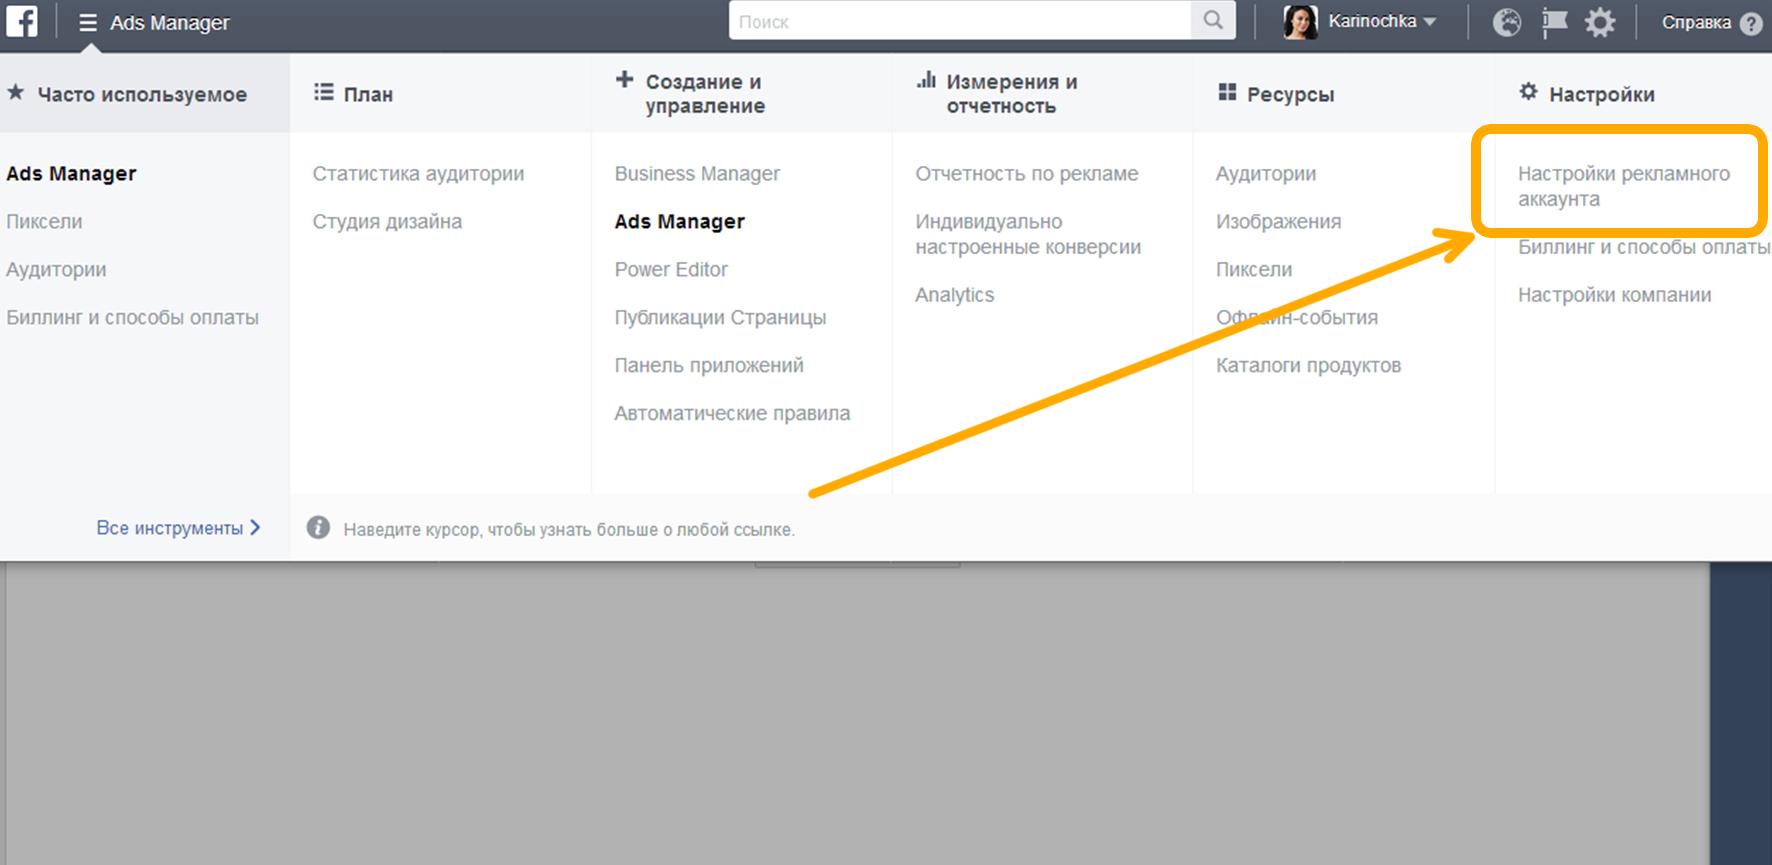 Кнопка меню со стрелкой, нажав на которую, пользователь получит доступ к меню настроек ролей на своем рекламном аккаунте.